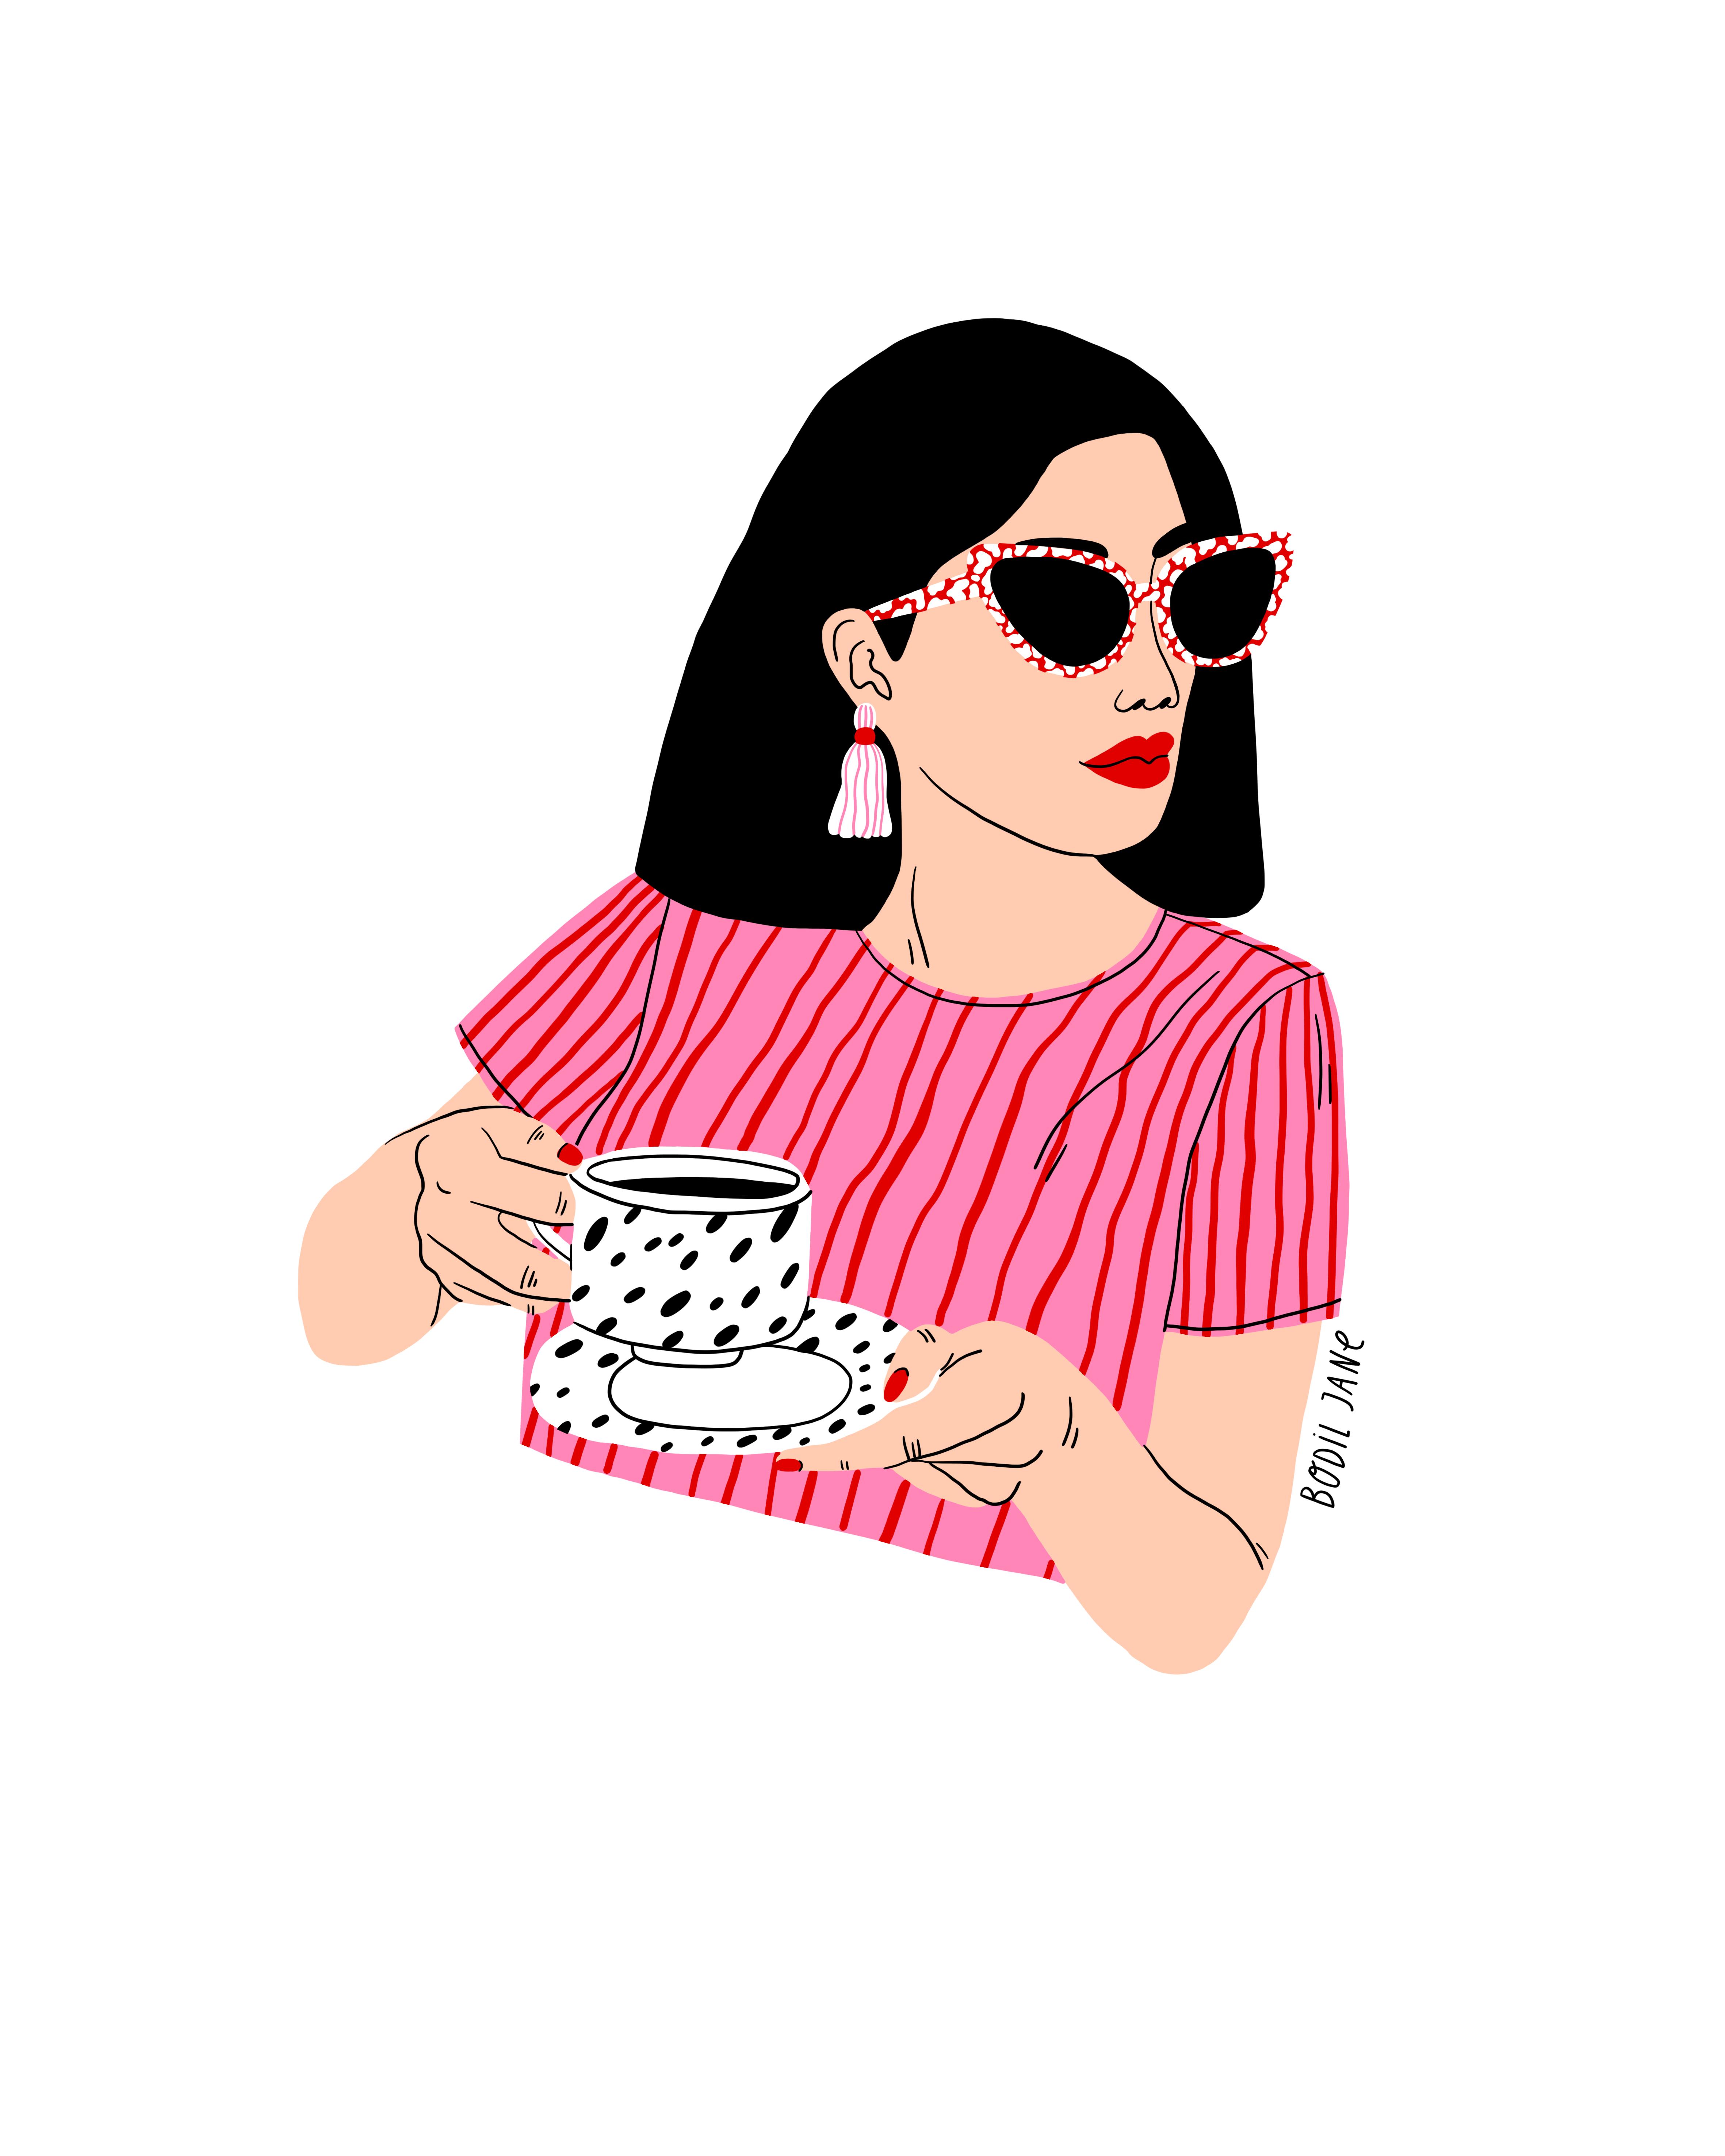 Bodil Jane apparel